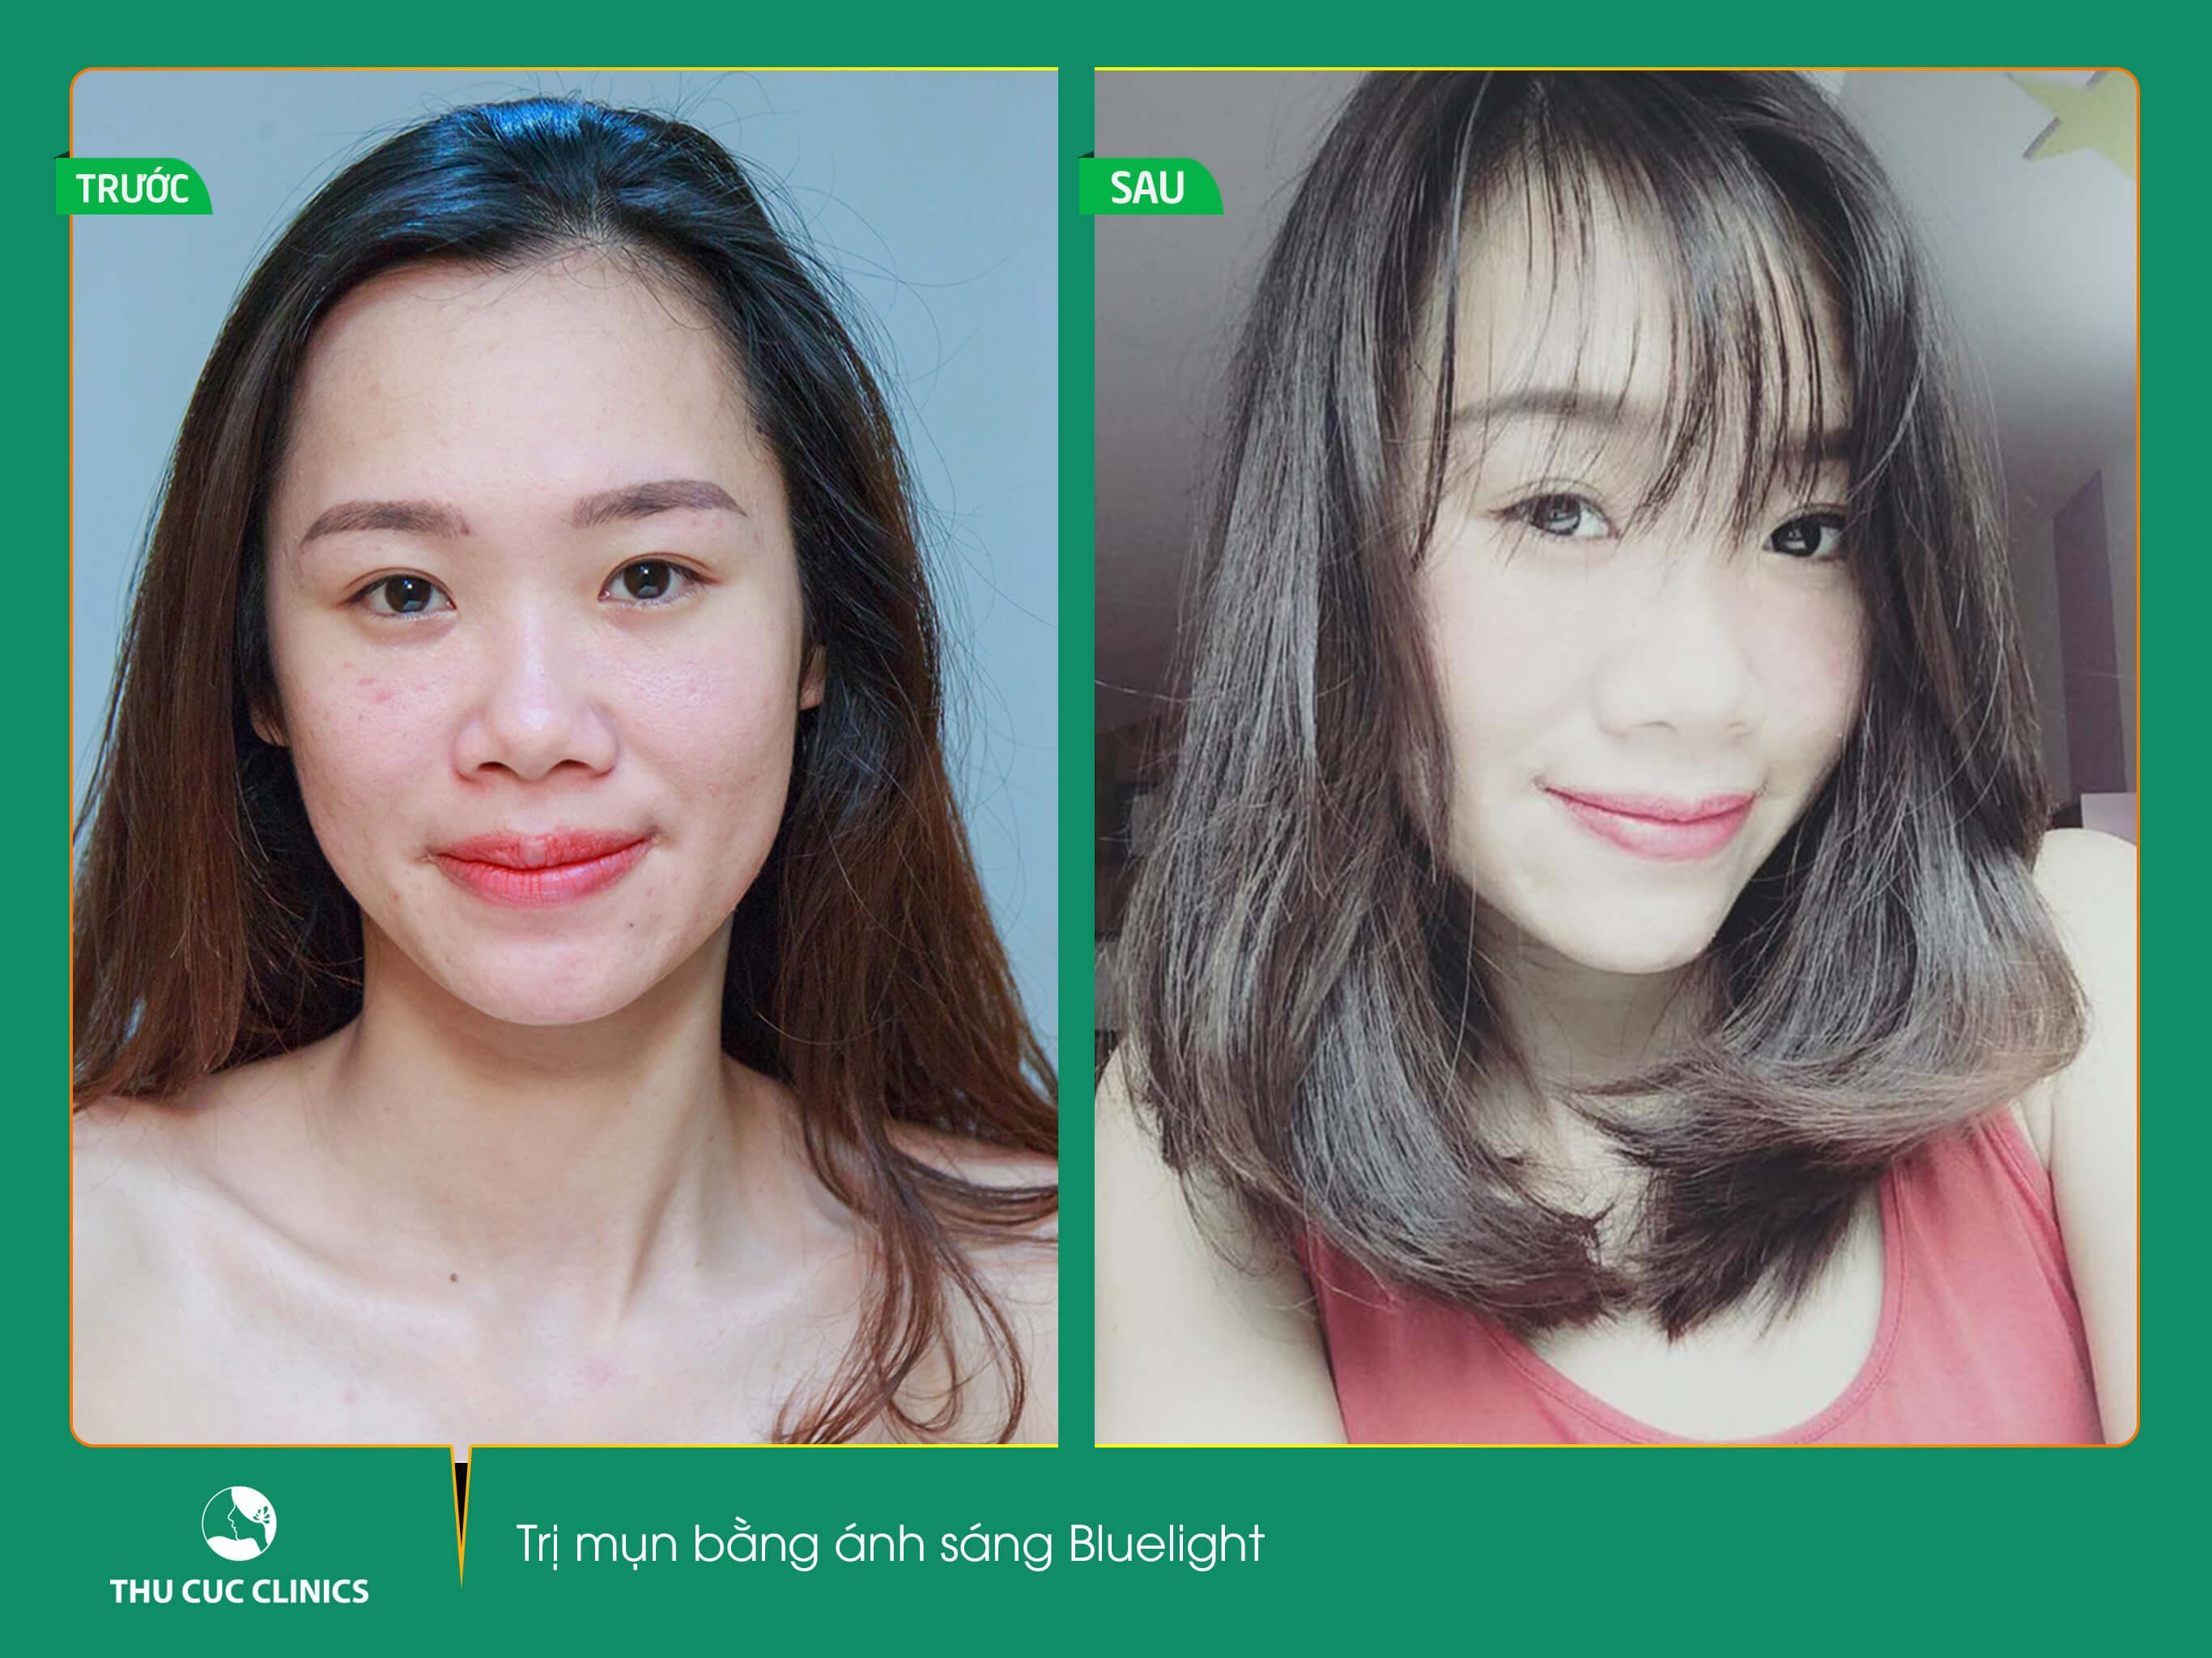 Chỉ sau 1 liệu trình trị mụn xóa thâm. Kim Oanh đã sở hữu khuôn mặt sạch mụn, mịn màng, tươi trẻ